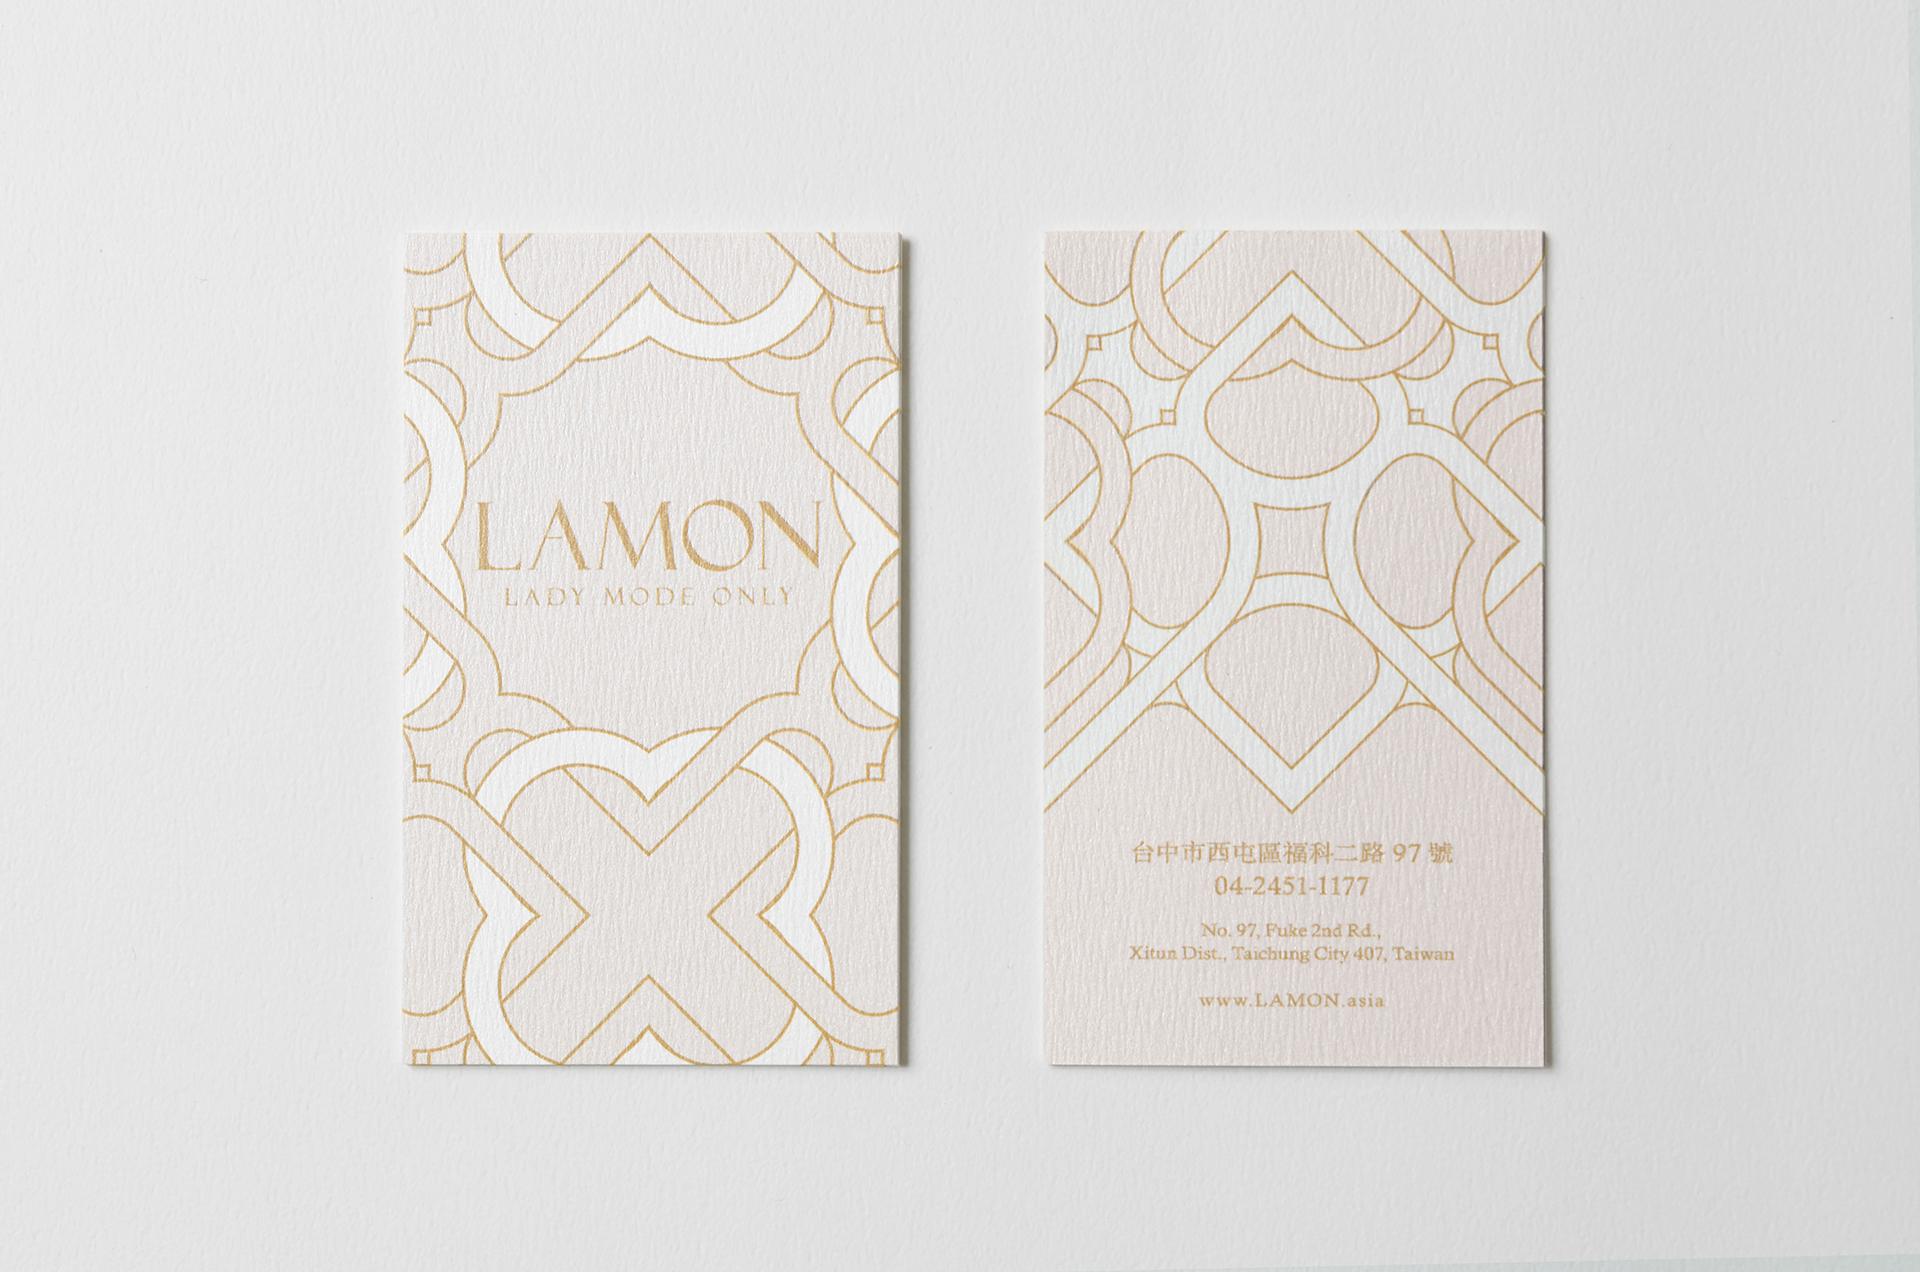 lamon1597jpg